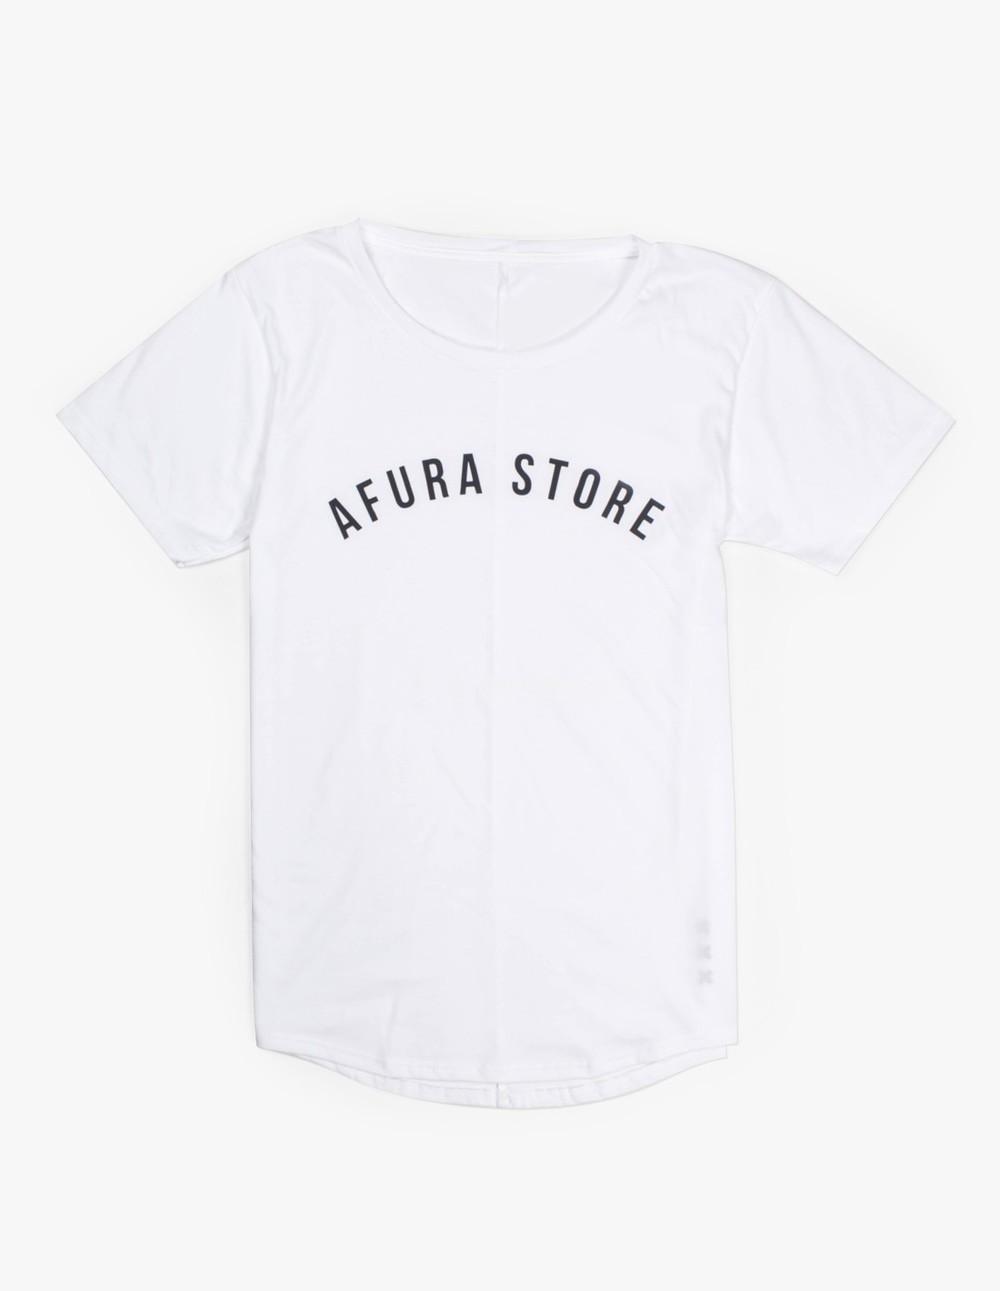 simon_me-afura-t-shirt-05.jpg